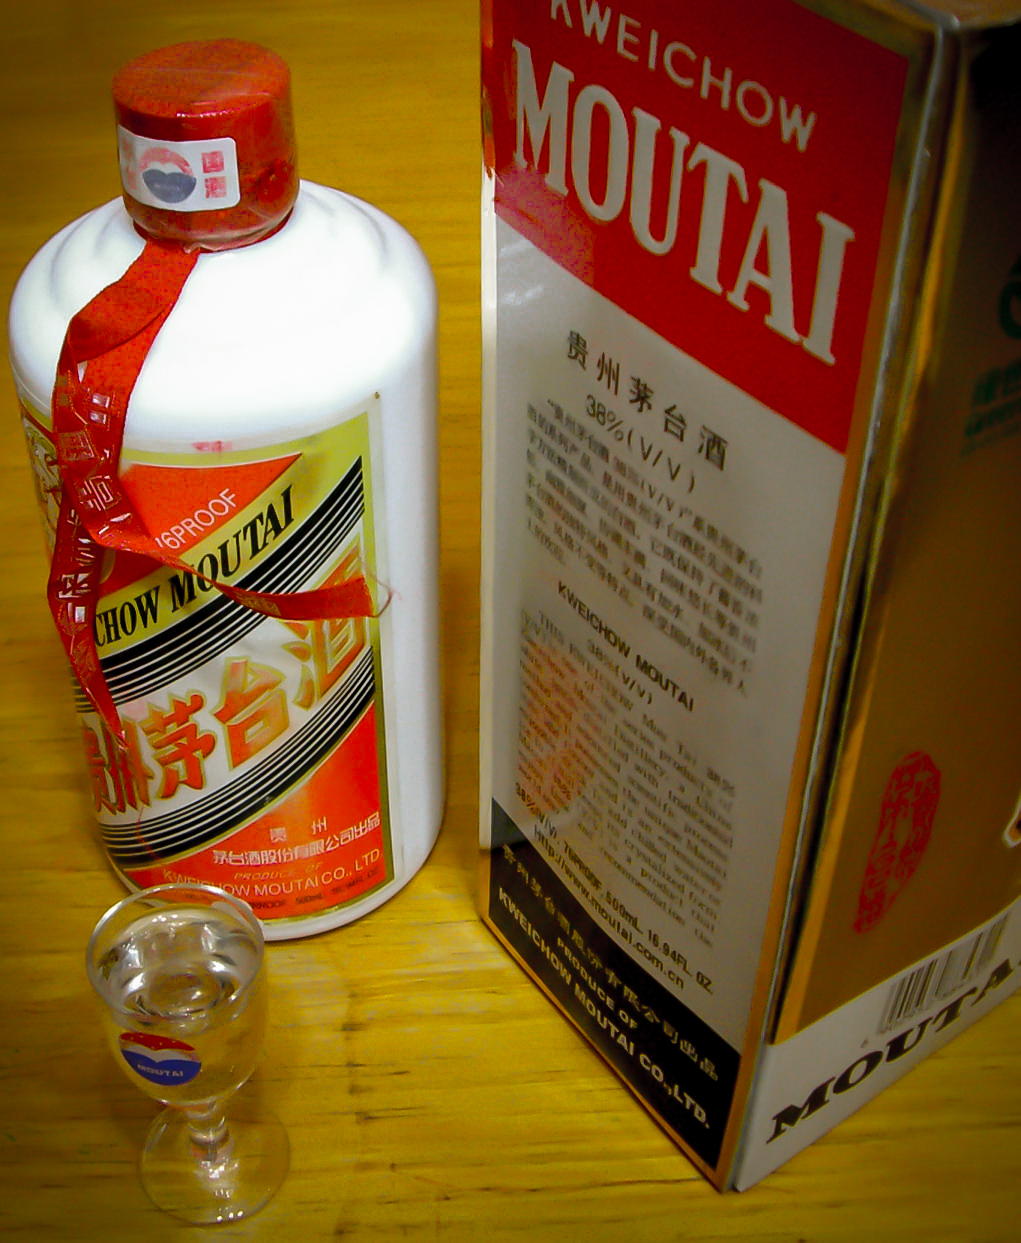 Maotai, Guizhou Alcohol